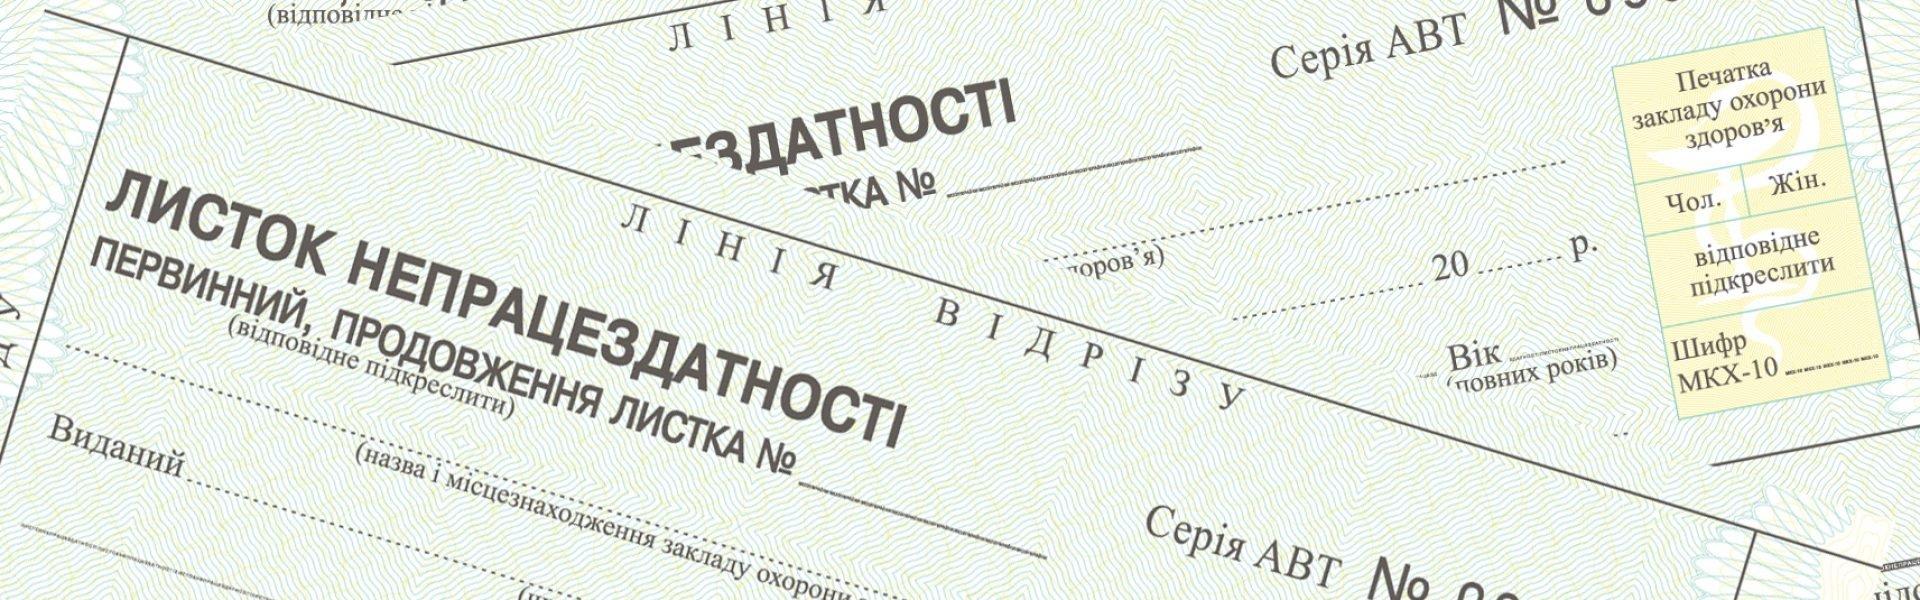 Купить больничный лист в Котельниках официально в поликлинике с задним